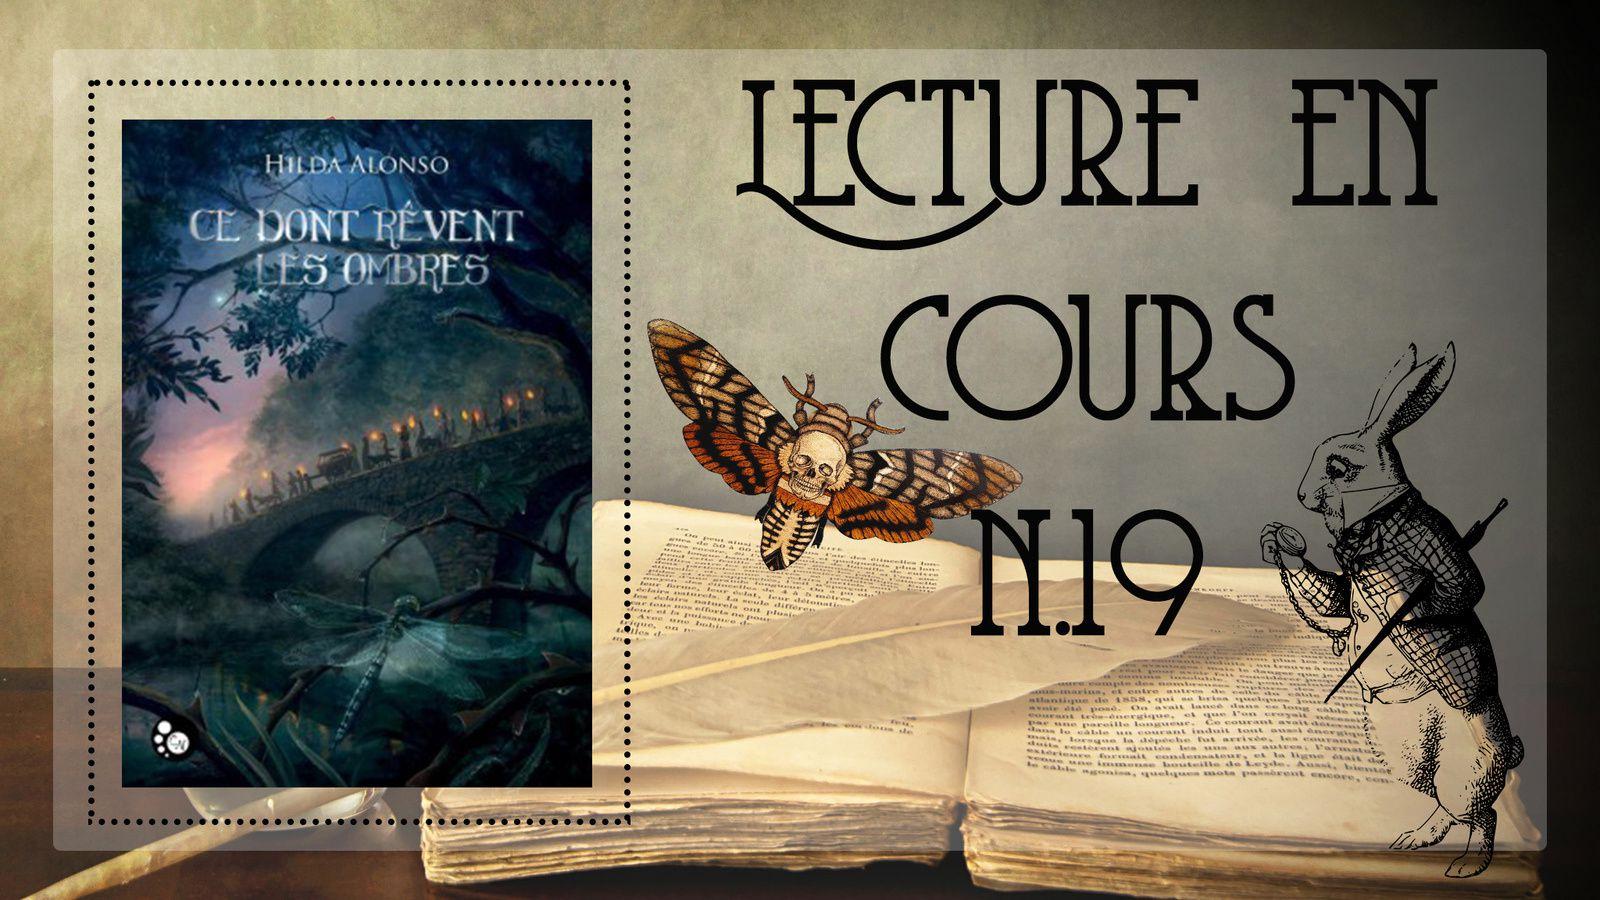 Lecture en cours #19